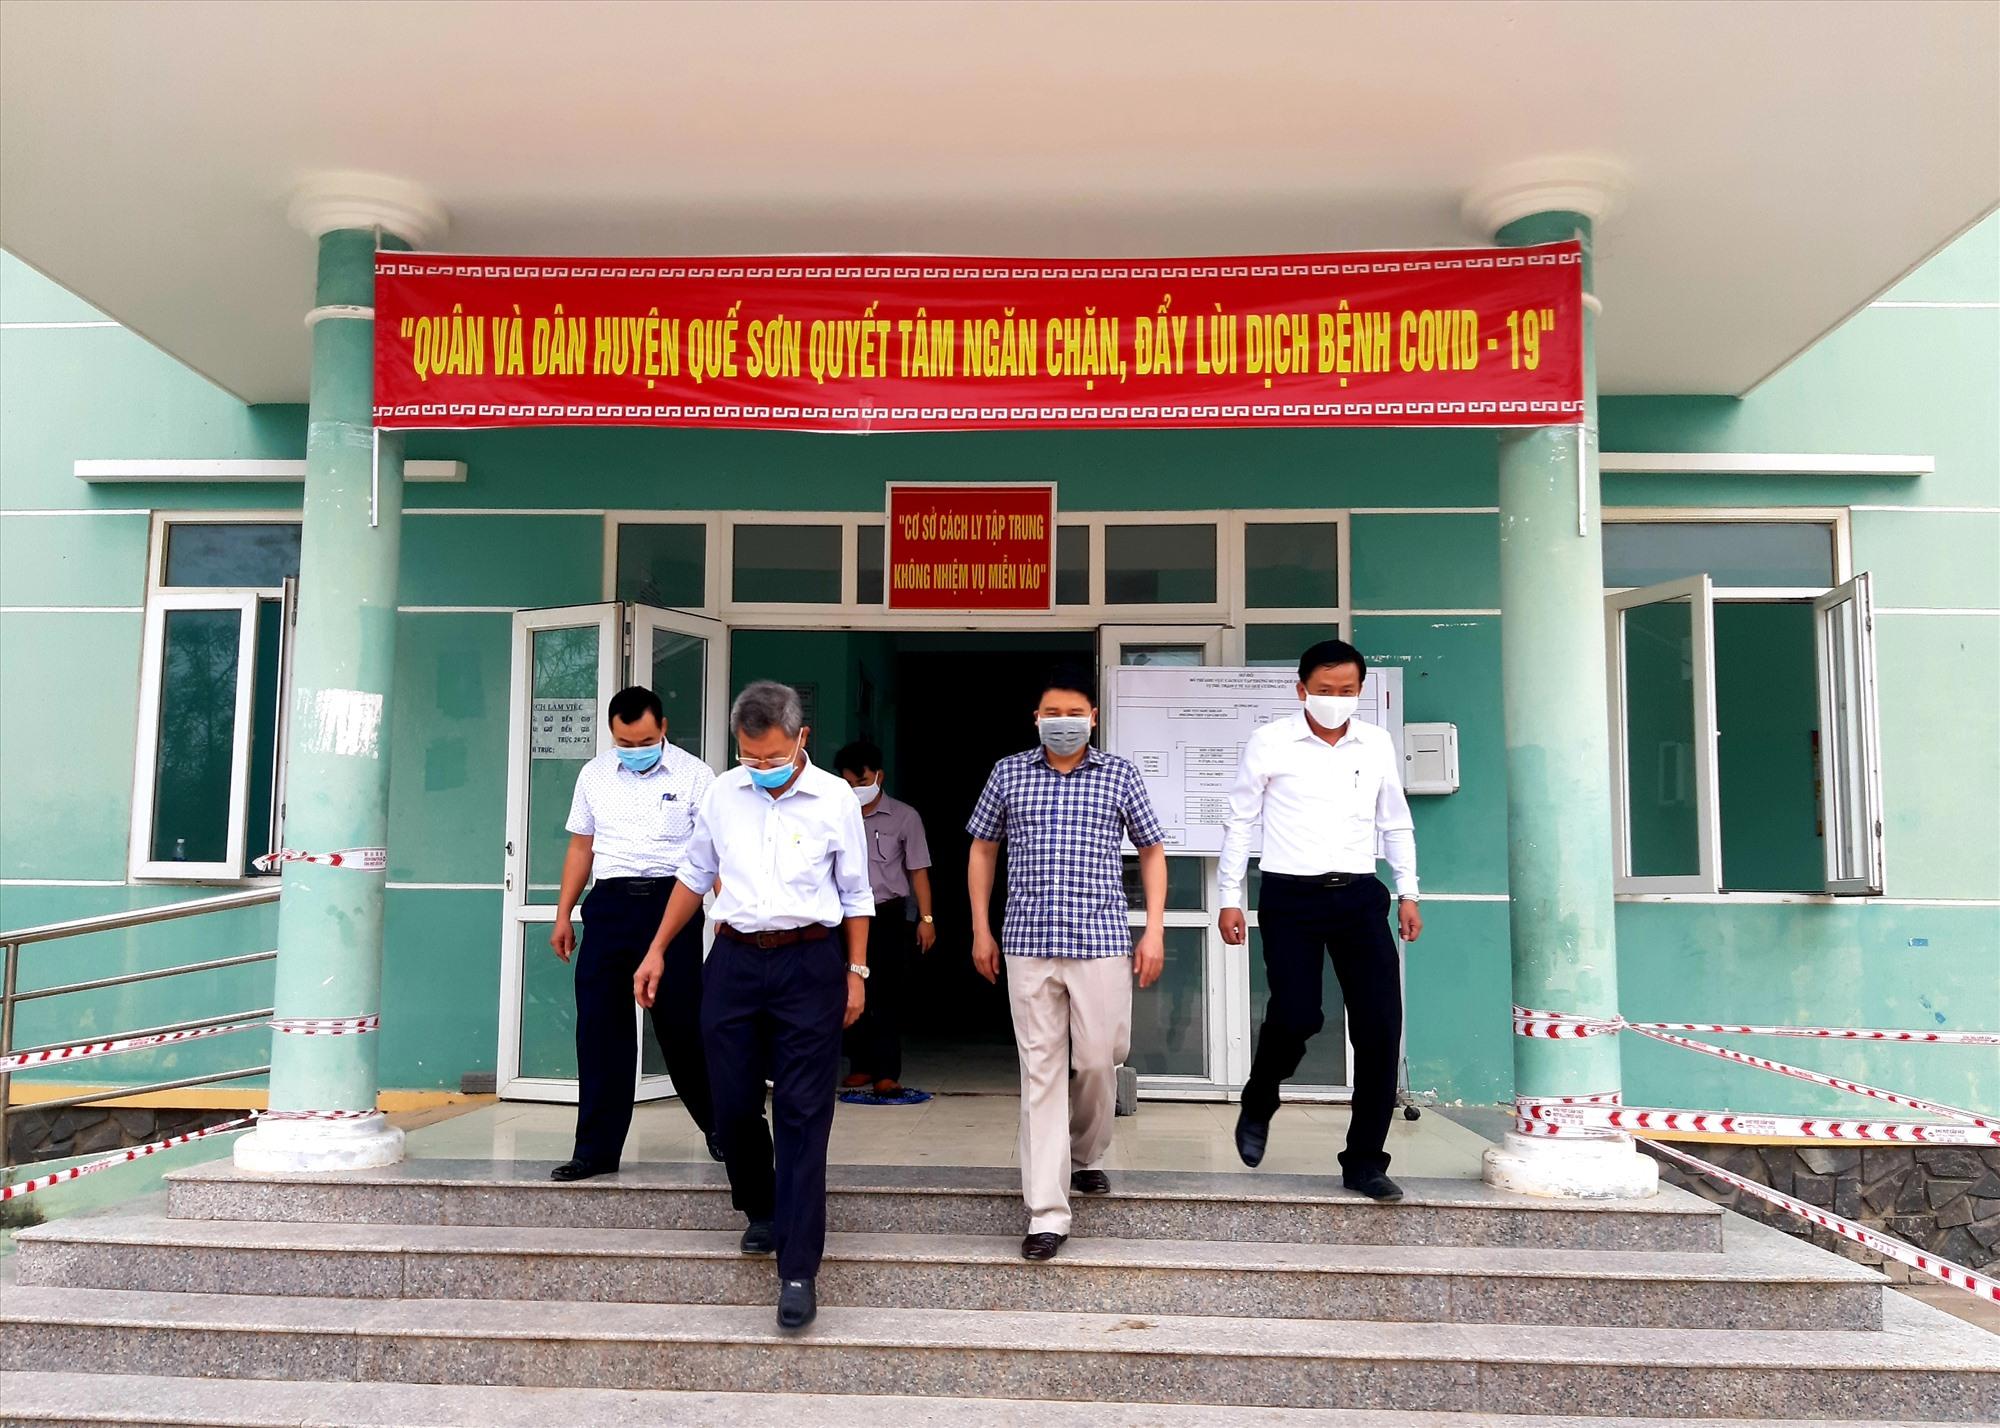 Phó Chủ tịch UBND tỉnh Trần Văn Tân cùng lãnh đạo một số ngành liên quan kiểm tra khu cách ly tập trung tại Trạm Y tế xã Quế Cường (cũ) vào sáng nay 9.4.  Ảnh: VĂN SỰ